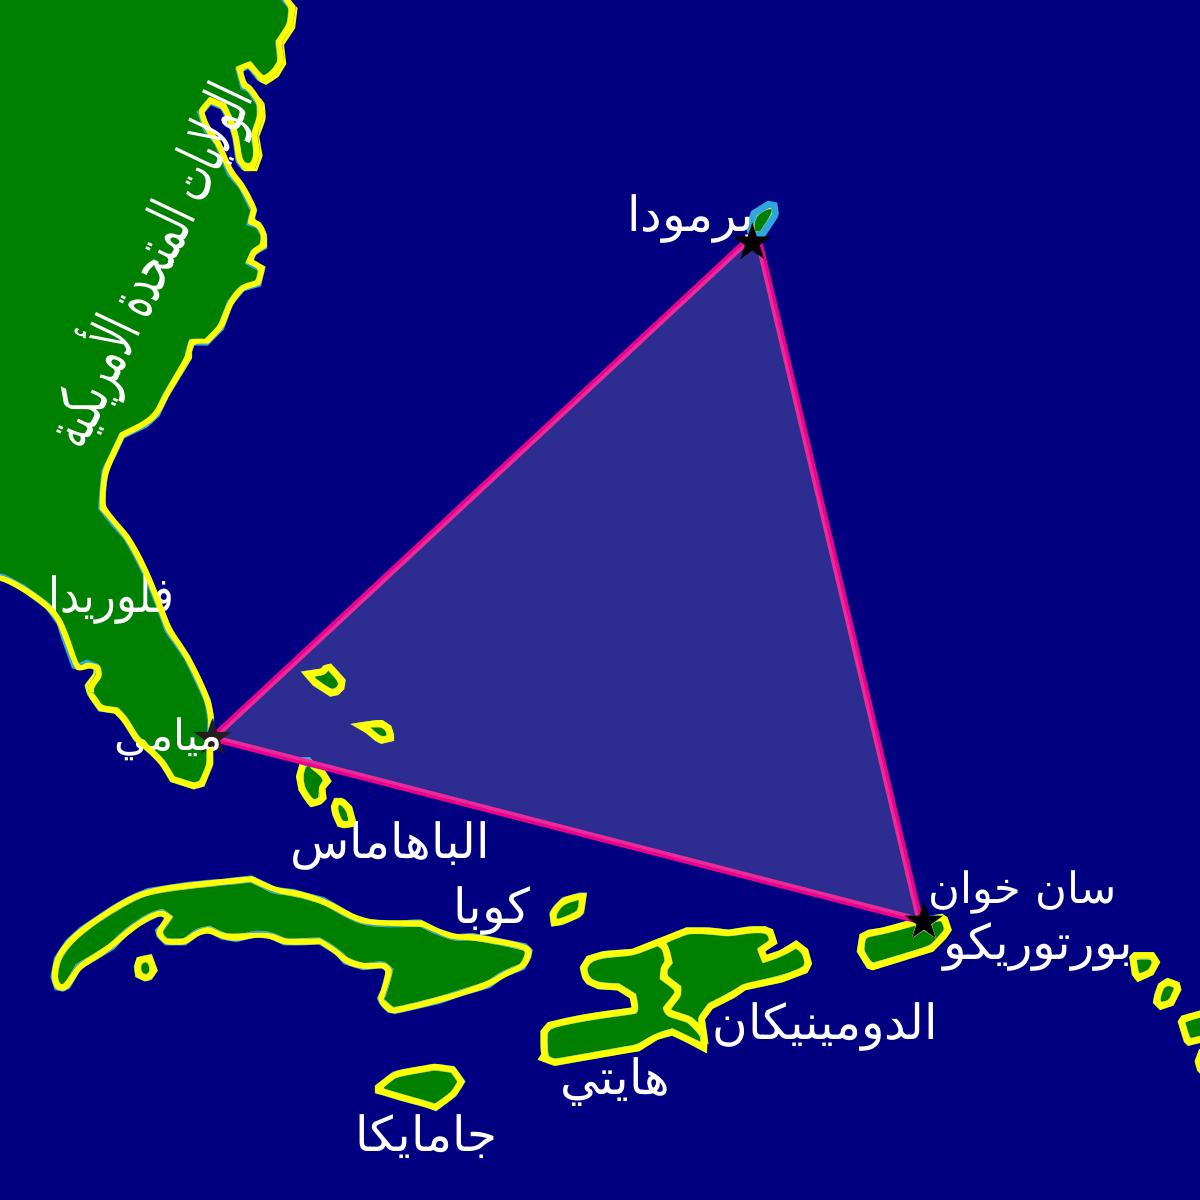 صورة صور مثلث برمودا , مثلث برمودا او مثلث الشيطان